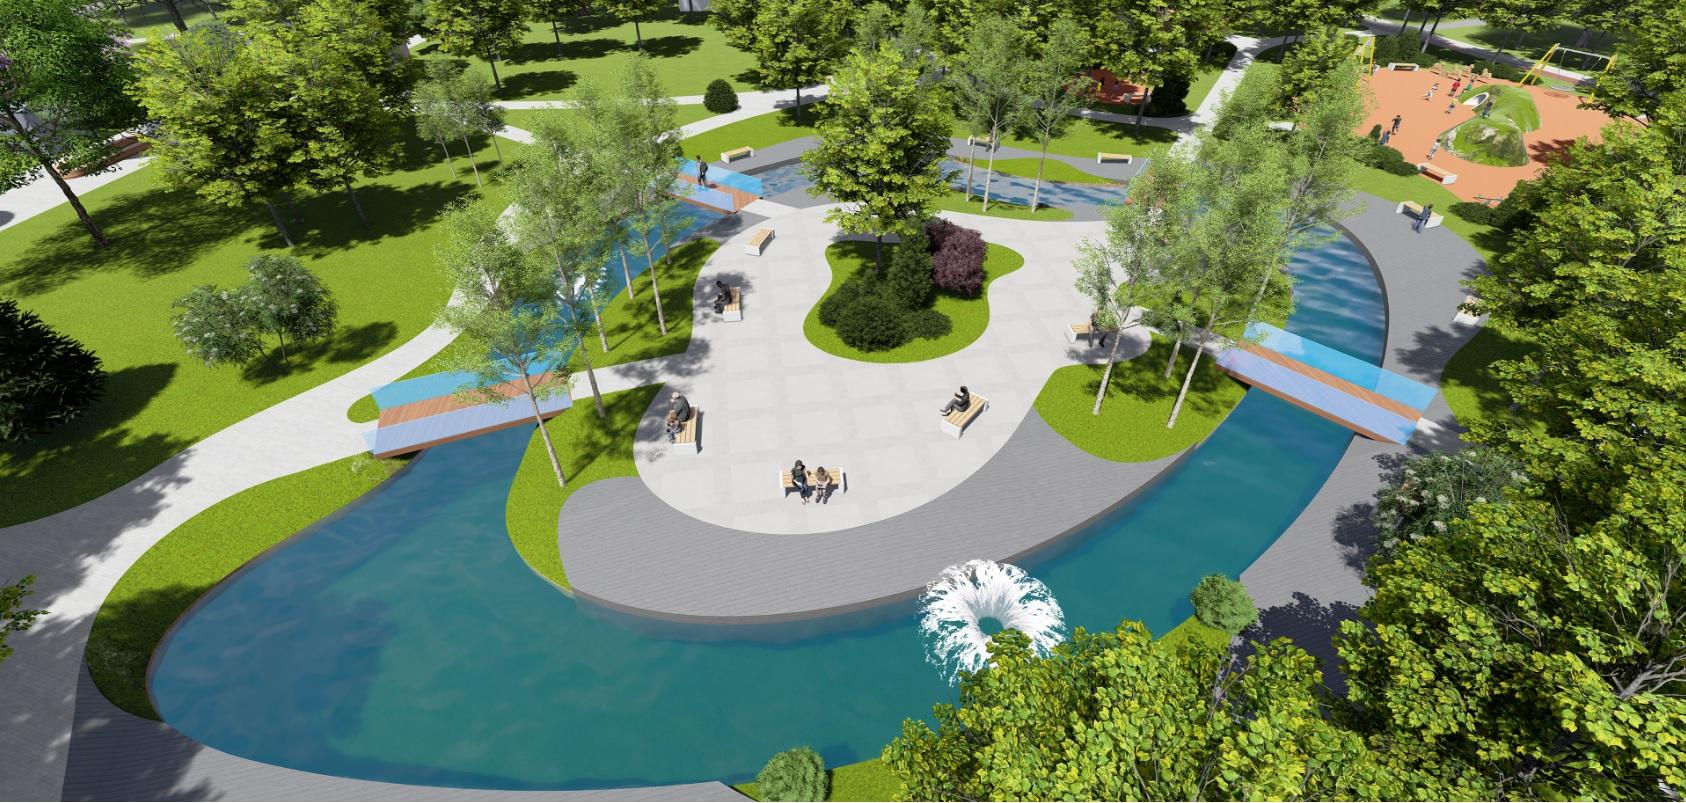 У Фастові оприлюднили проєкт реконструкції міського парку імені Гагаріна - Фастів, реконструкція, парк імені Гагаріна - Park14